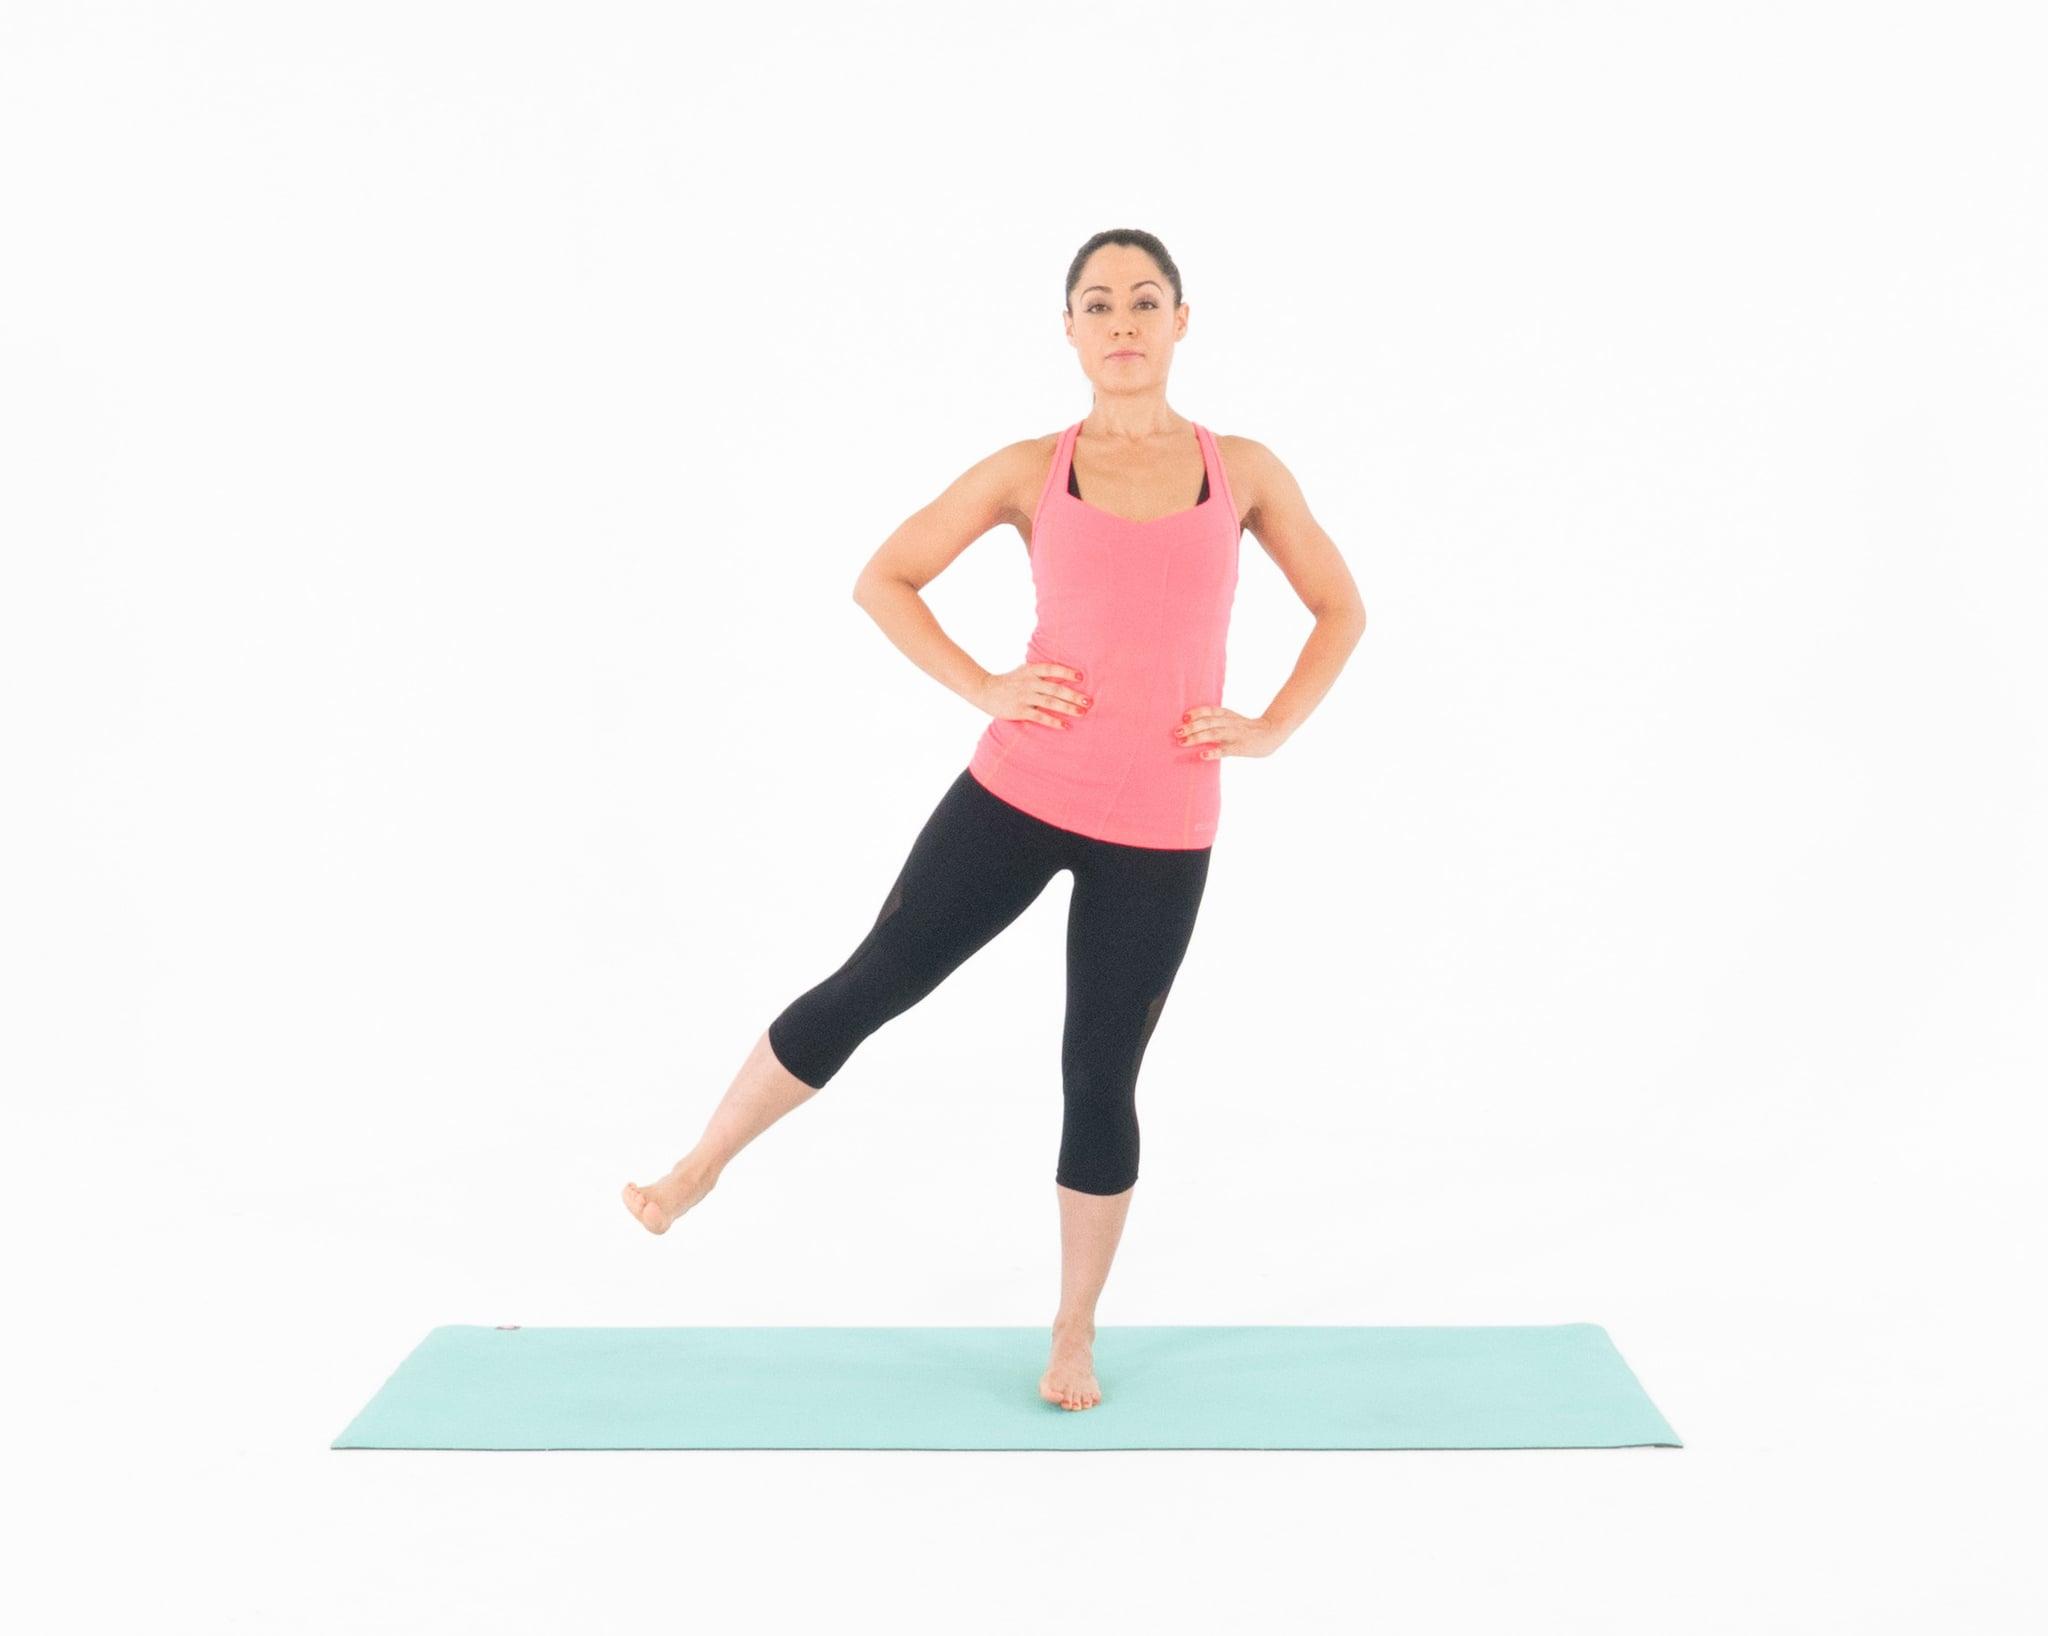 Oblique with leg crunches raise standing Dumbbell Oblique